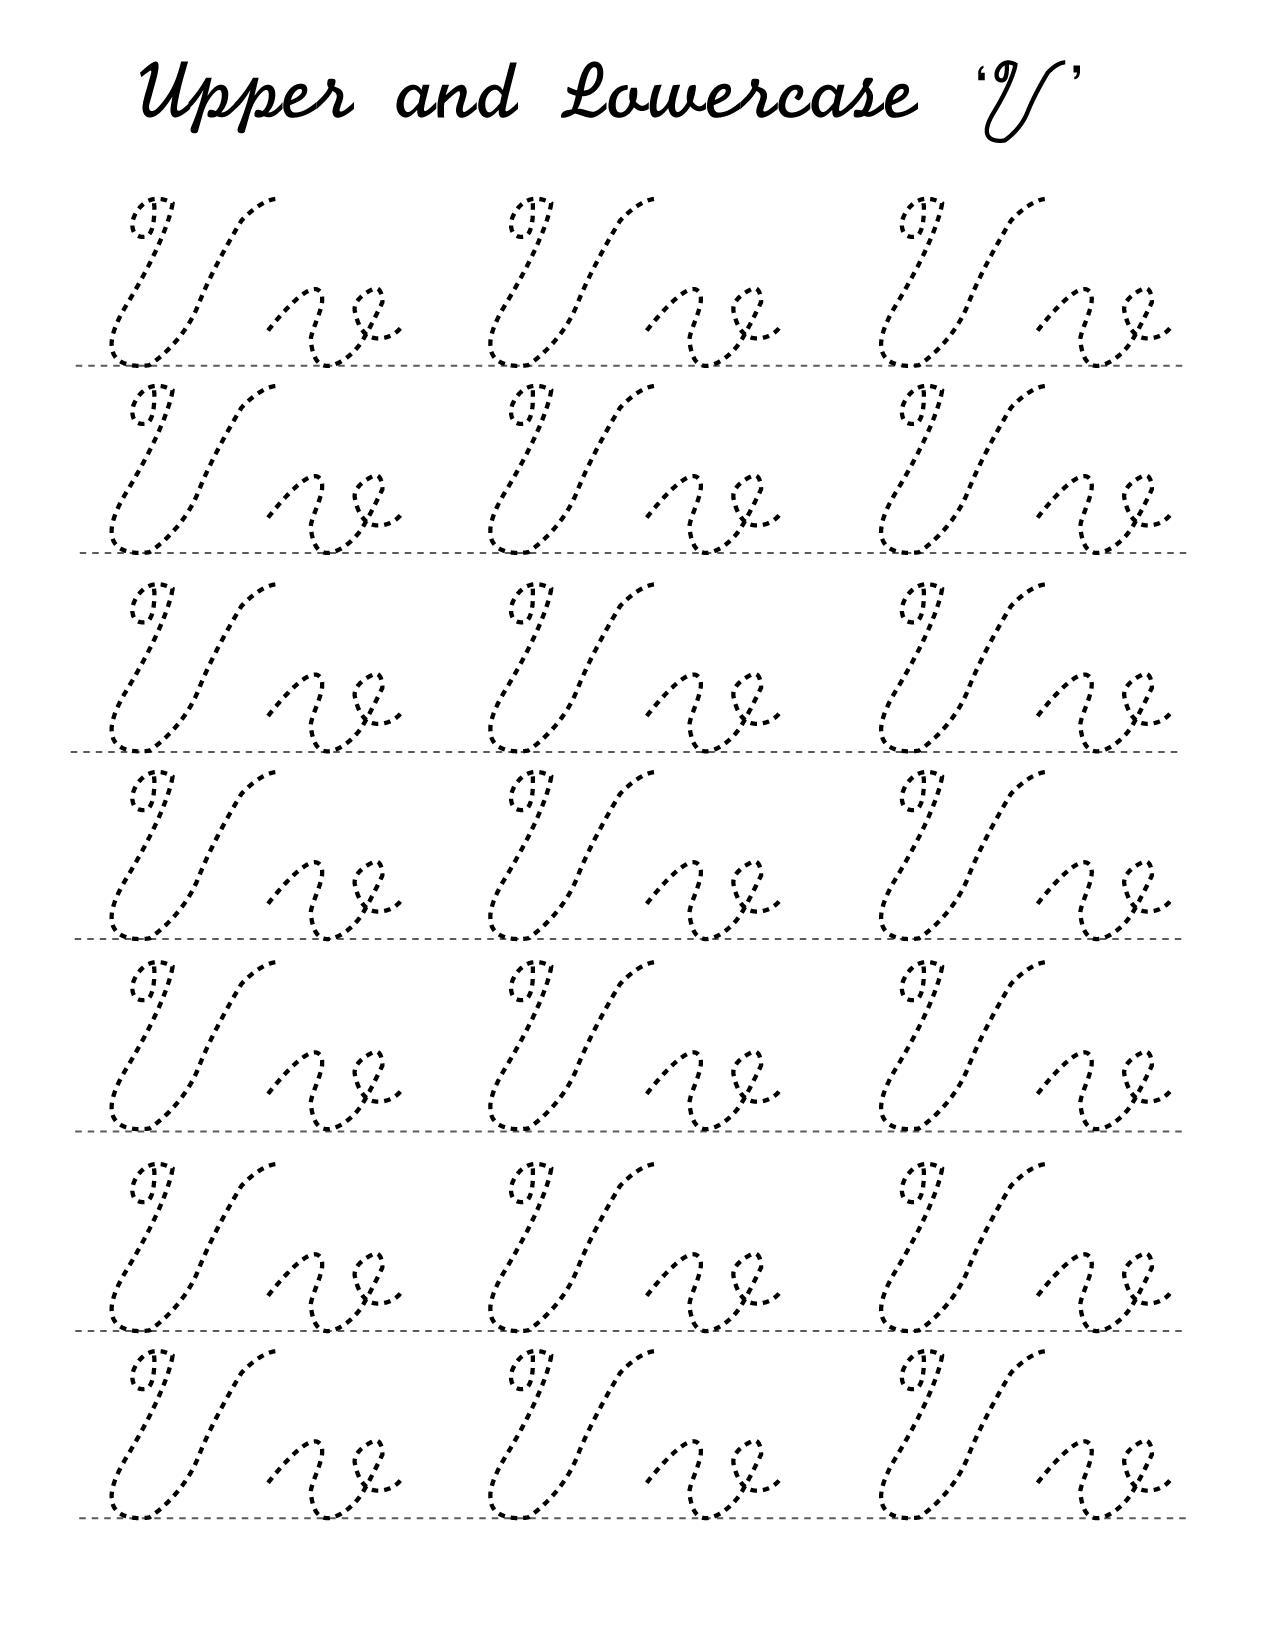 Upper and lowercase V